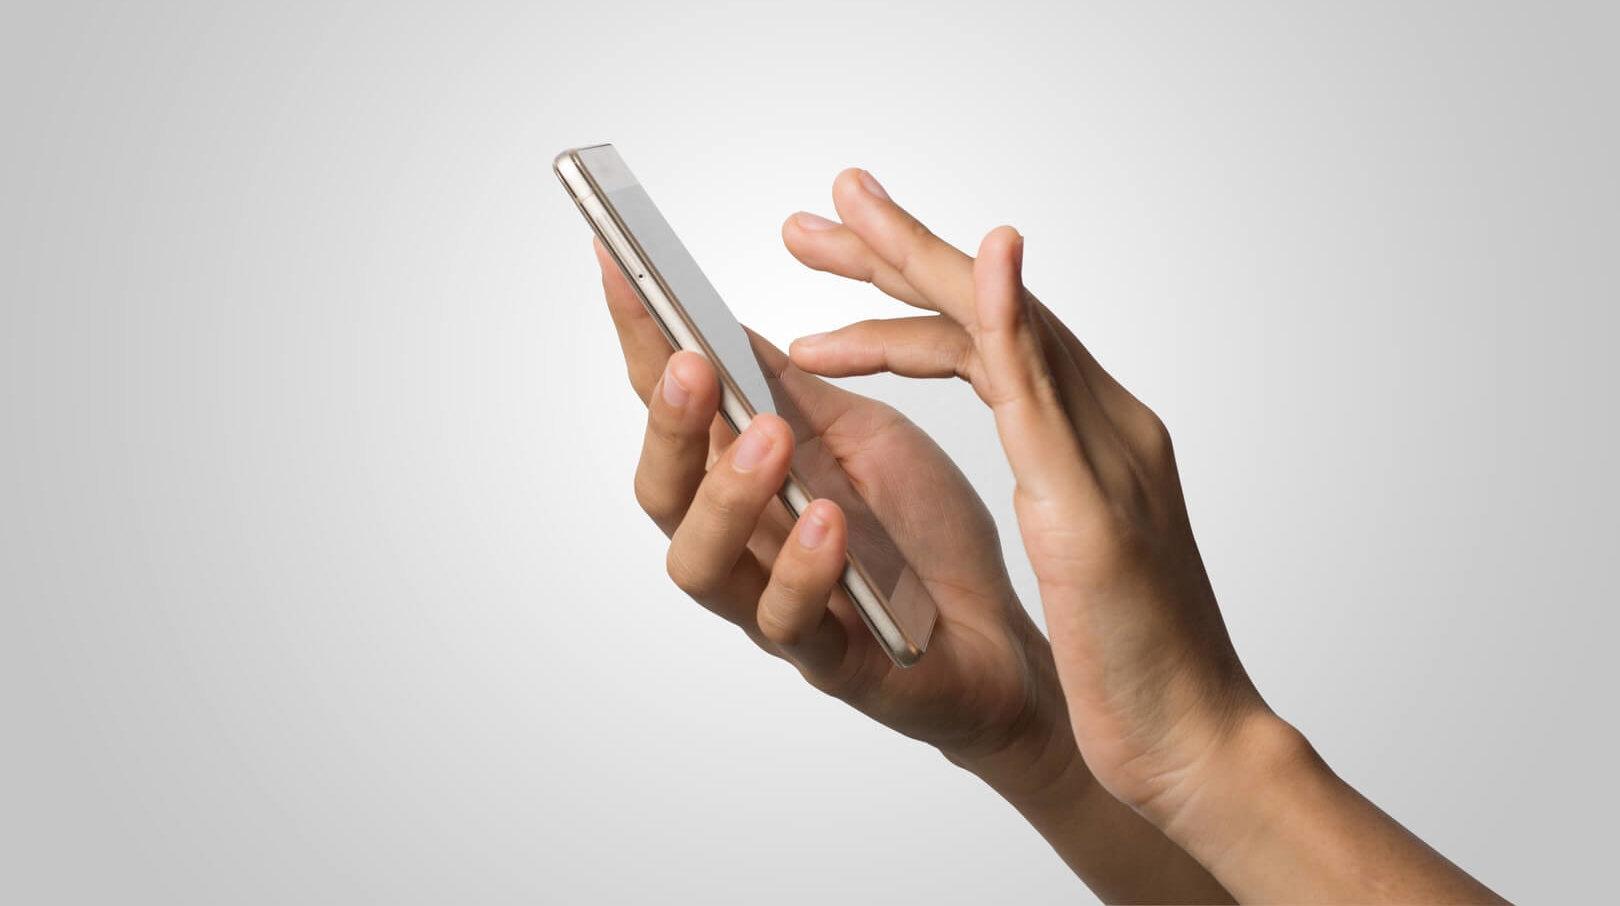 diamond glass smartphone